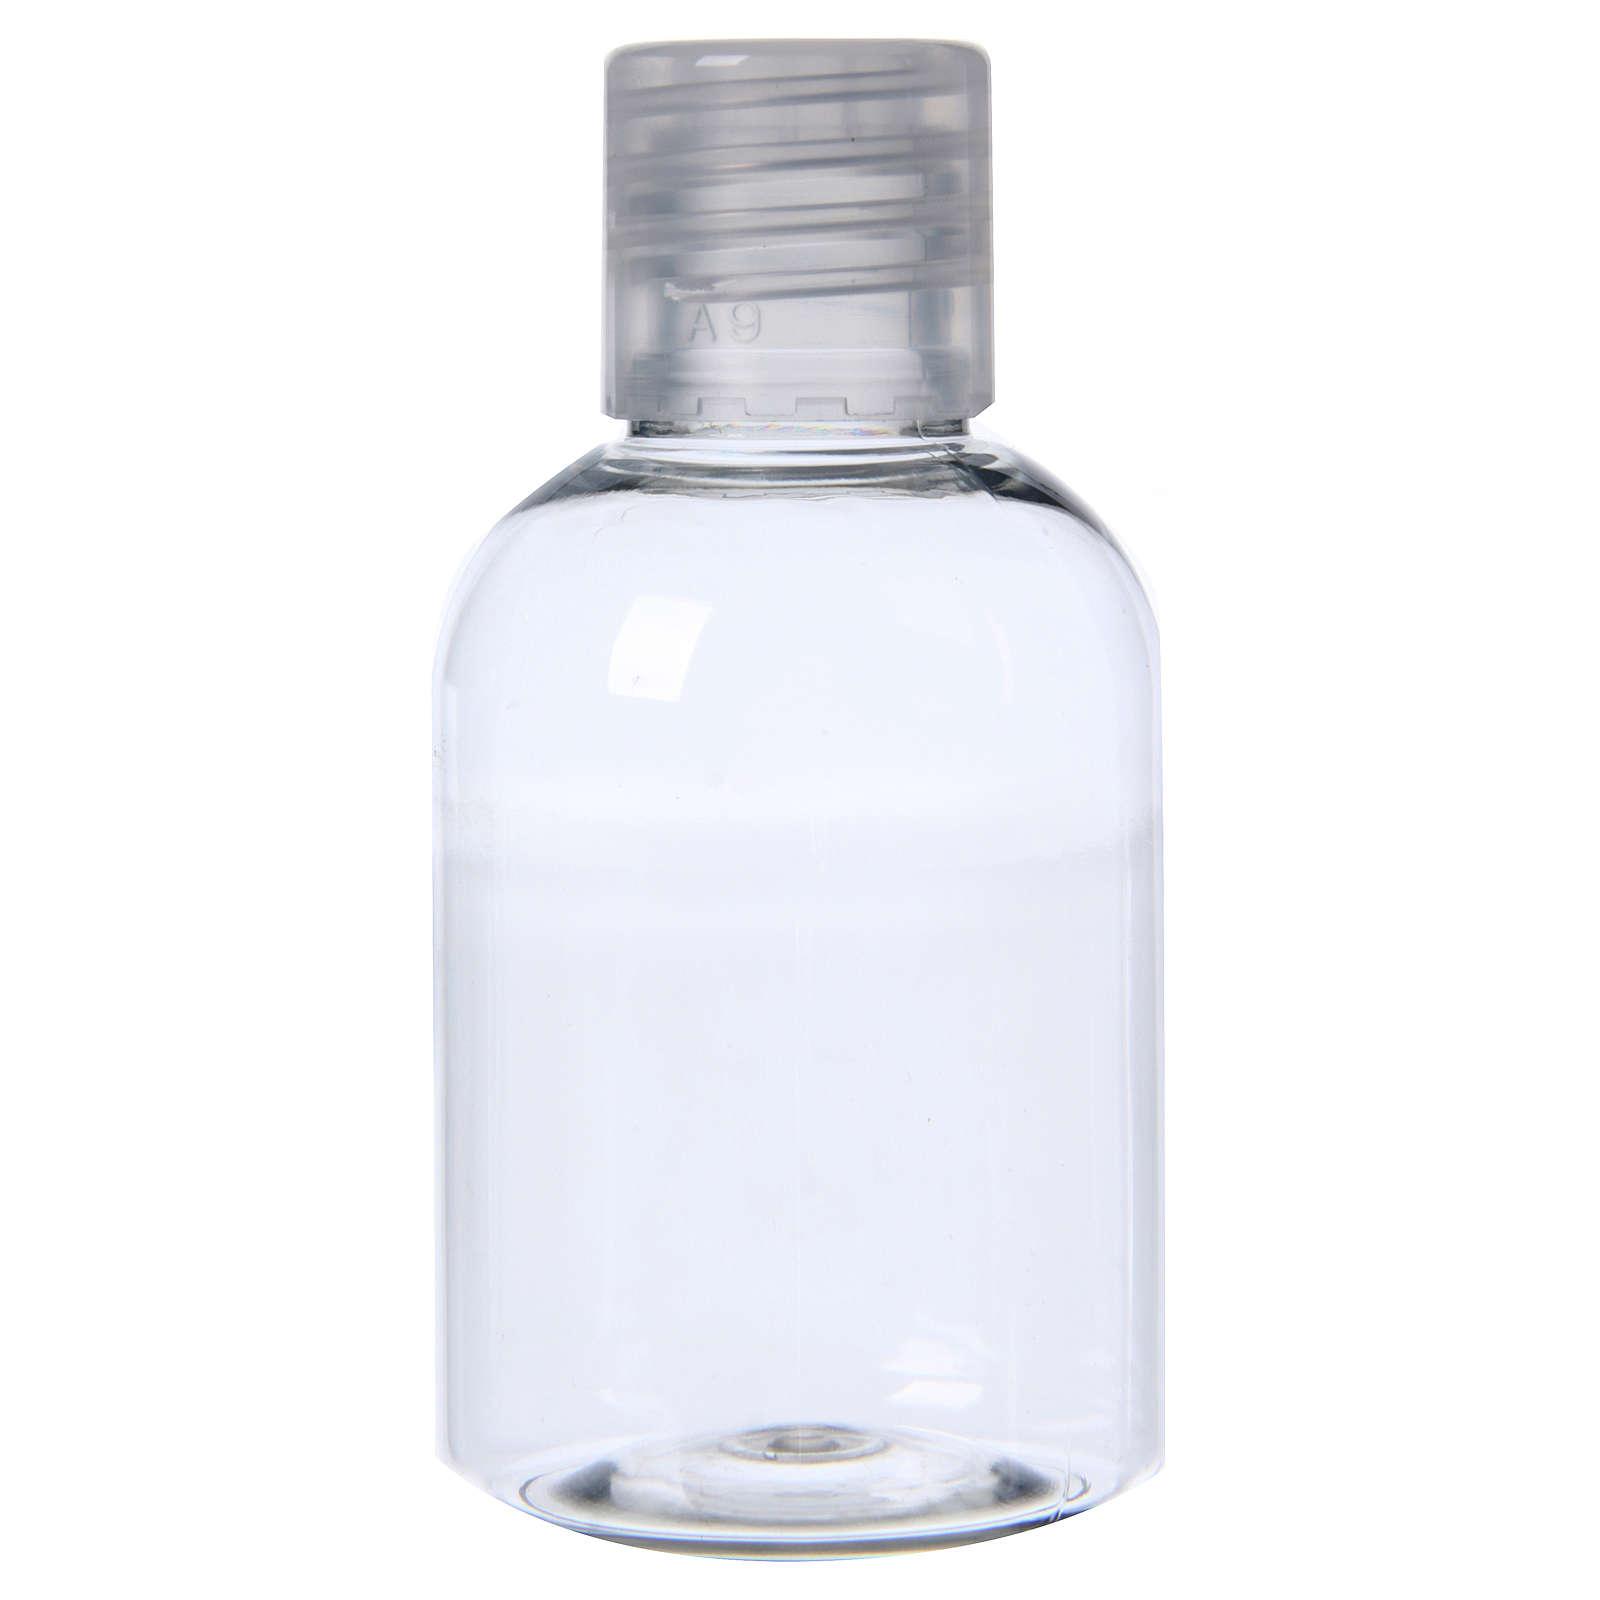 Bottigliette acqua benedetta 50 ml conf. 100 pz 3